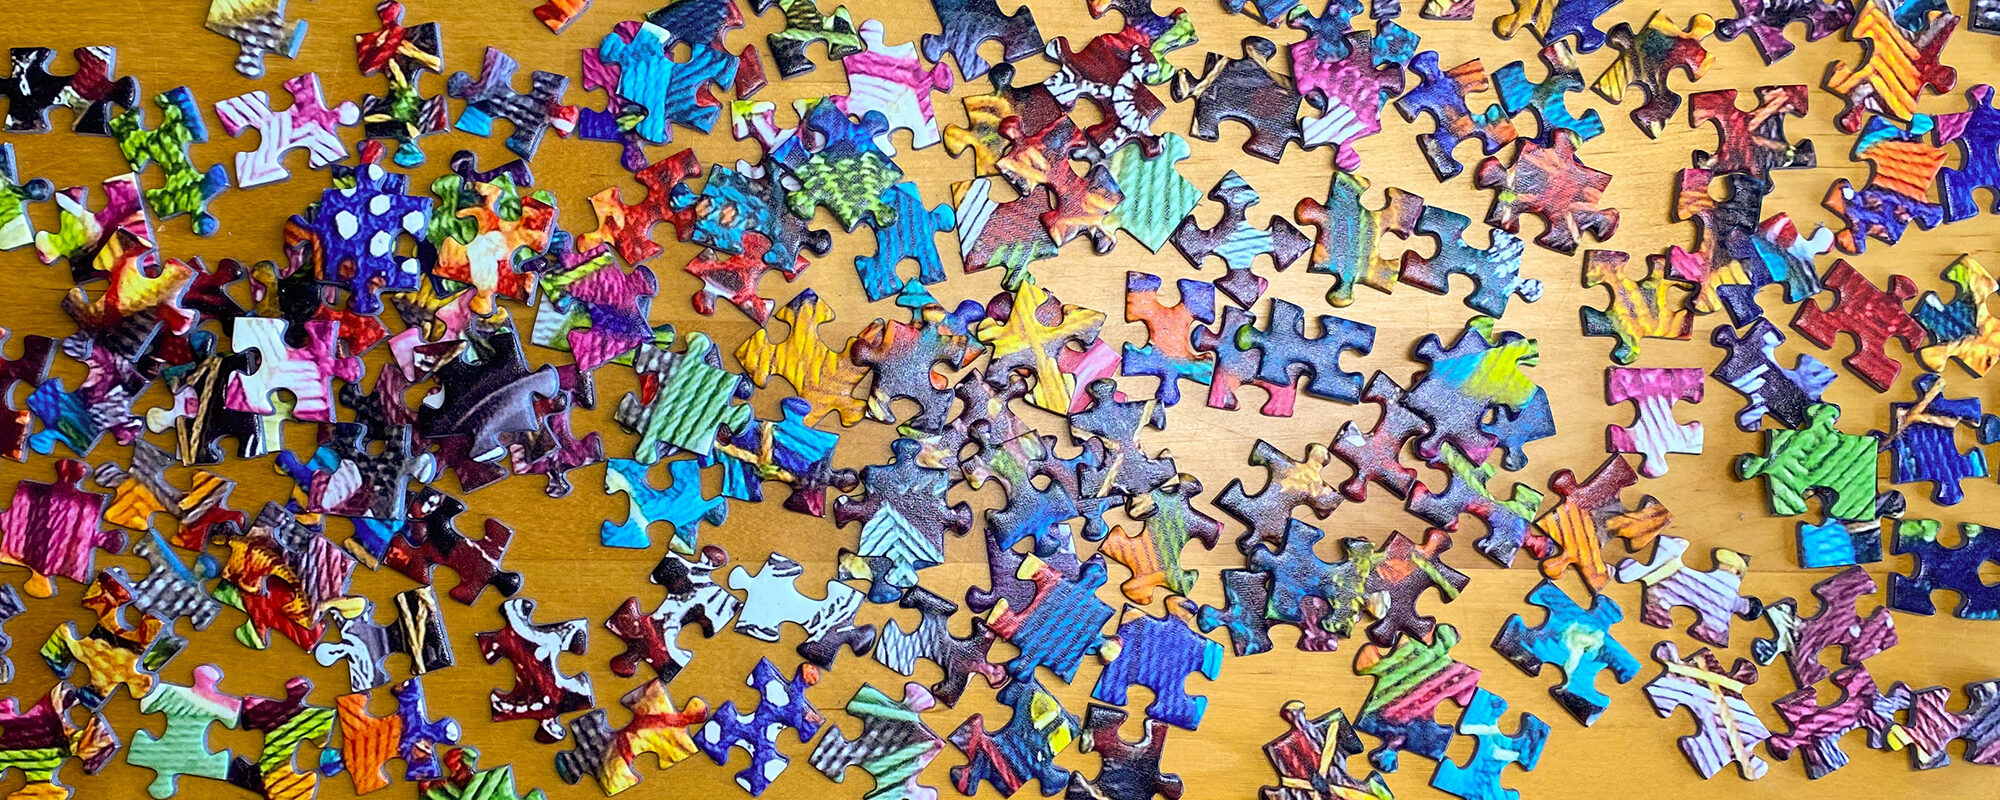 Knopfpuzzle mit 1000 Teilen